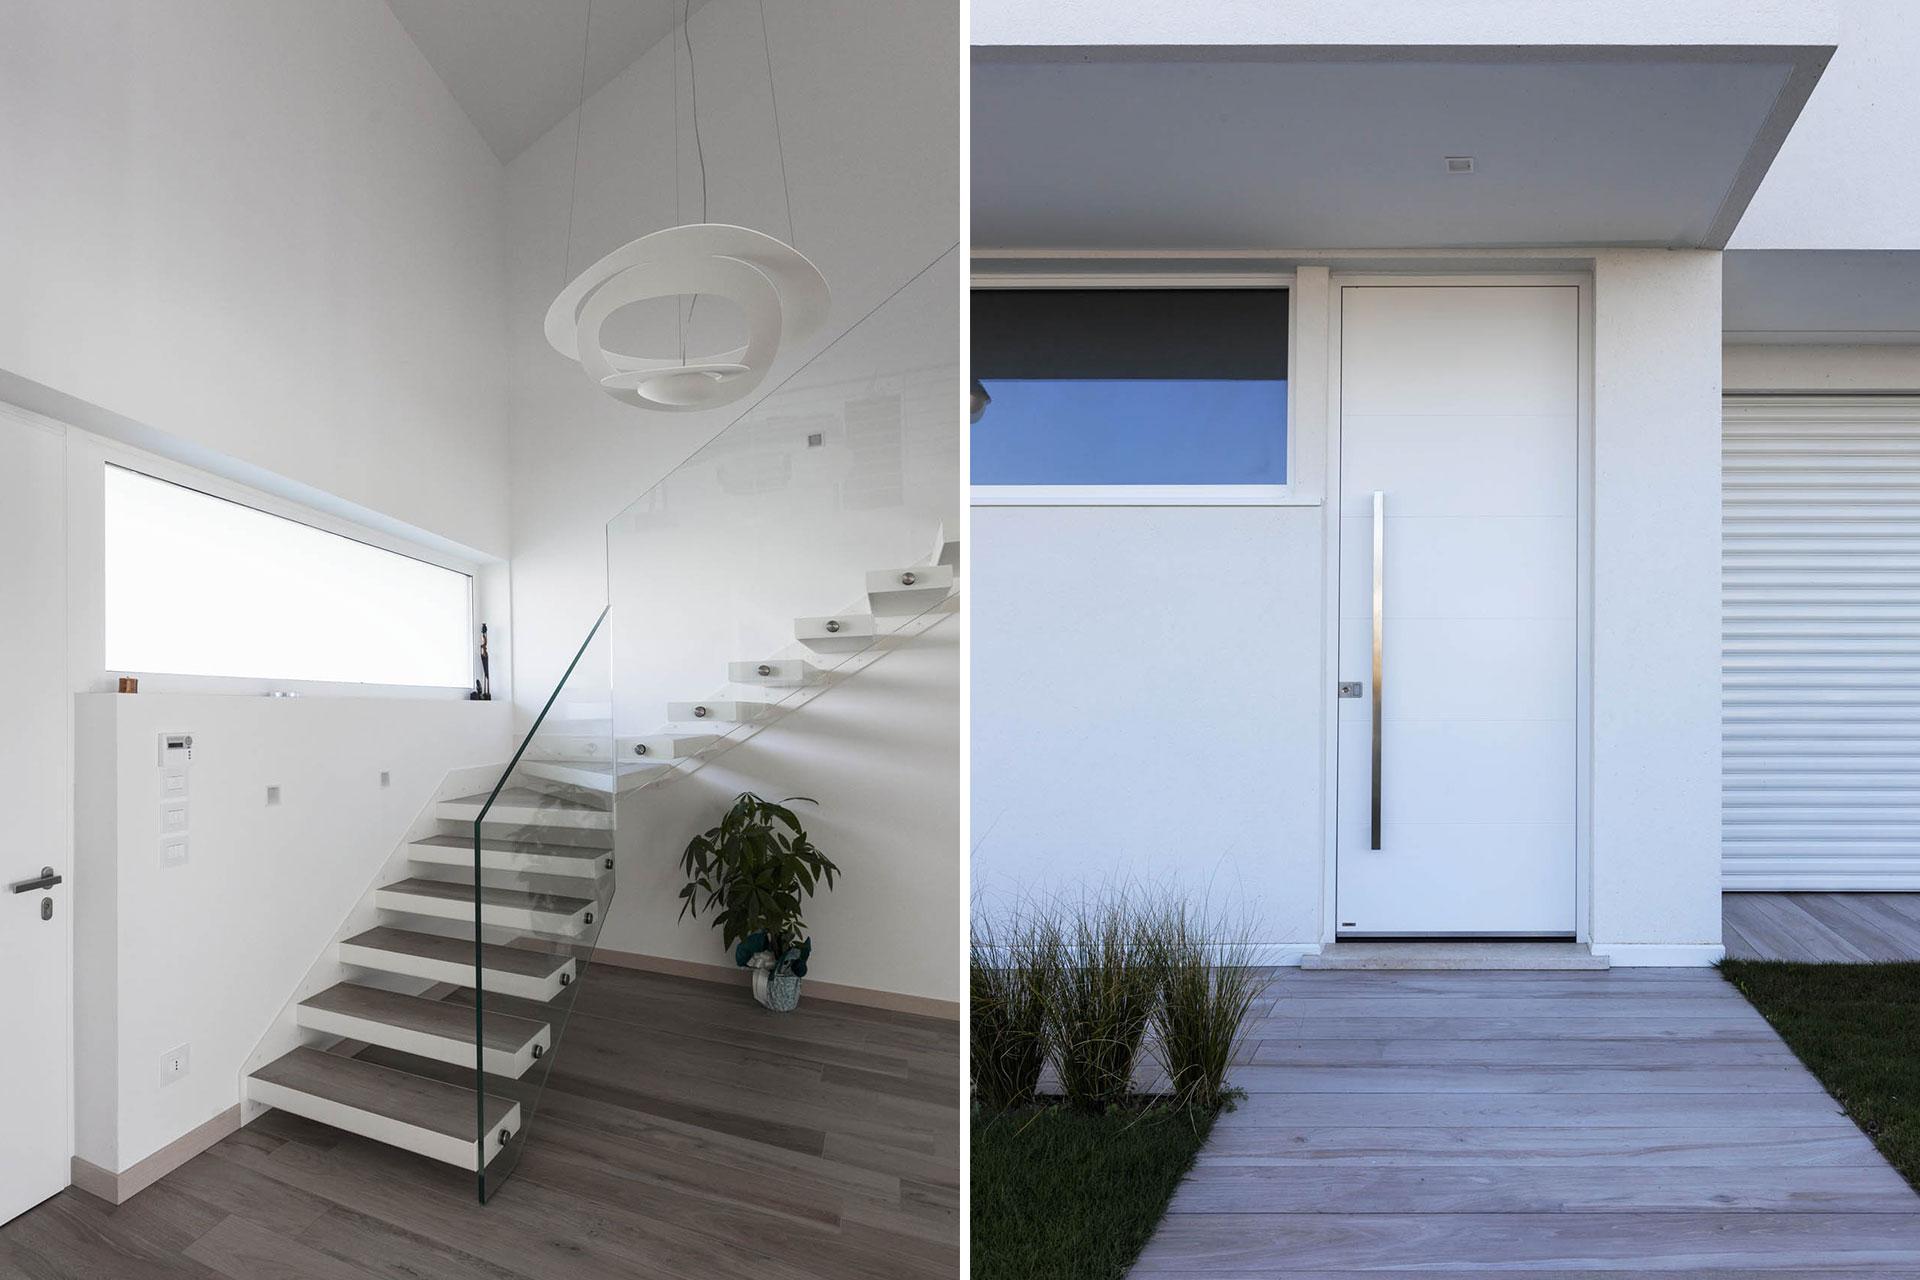 installazione porte blindate bianche